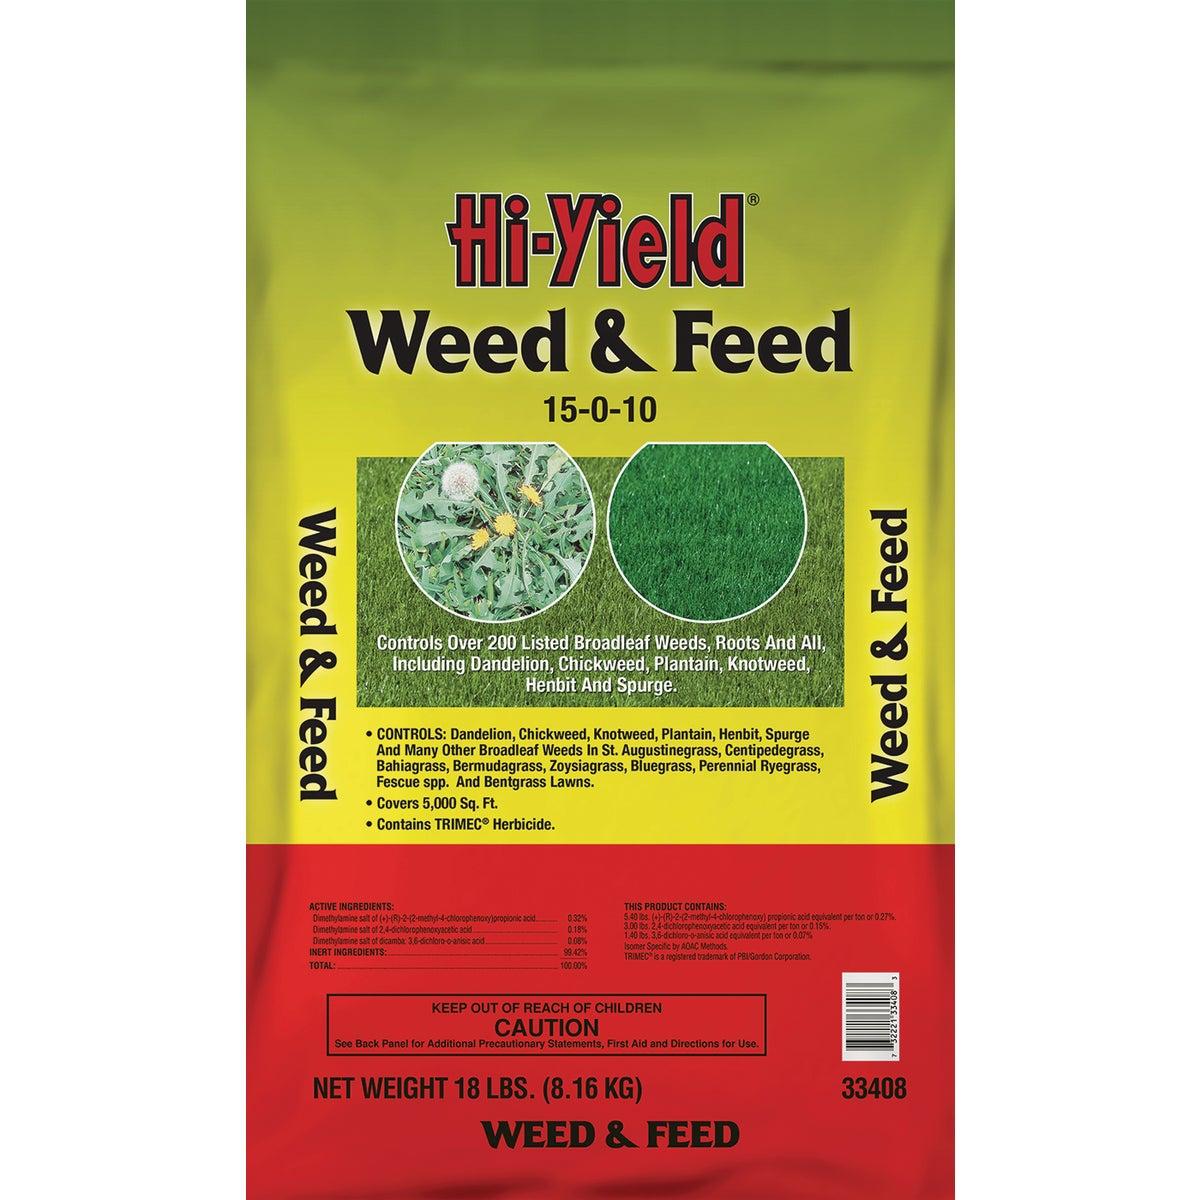 18LB WEED & FEED